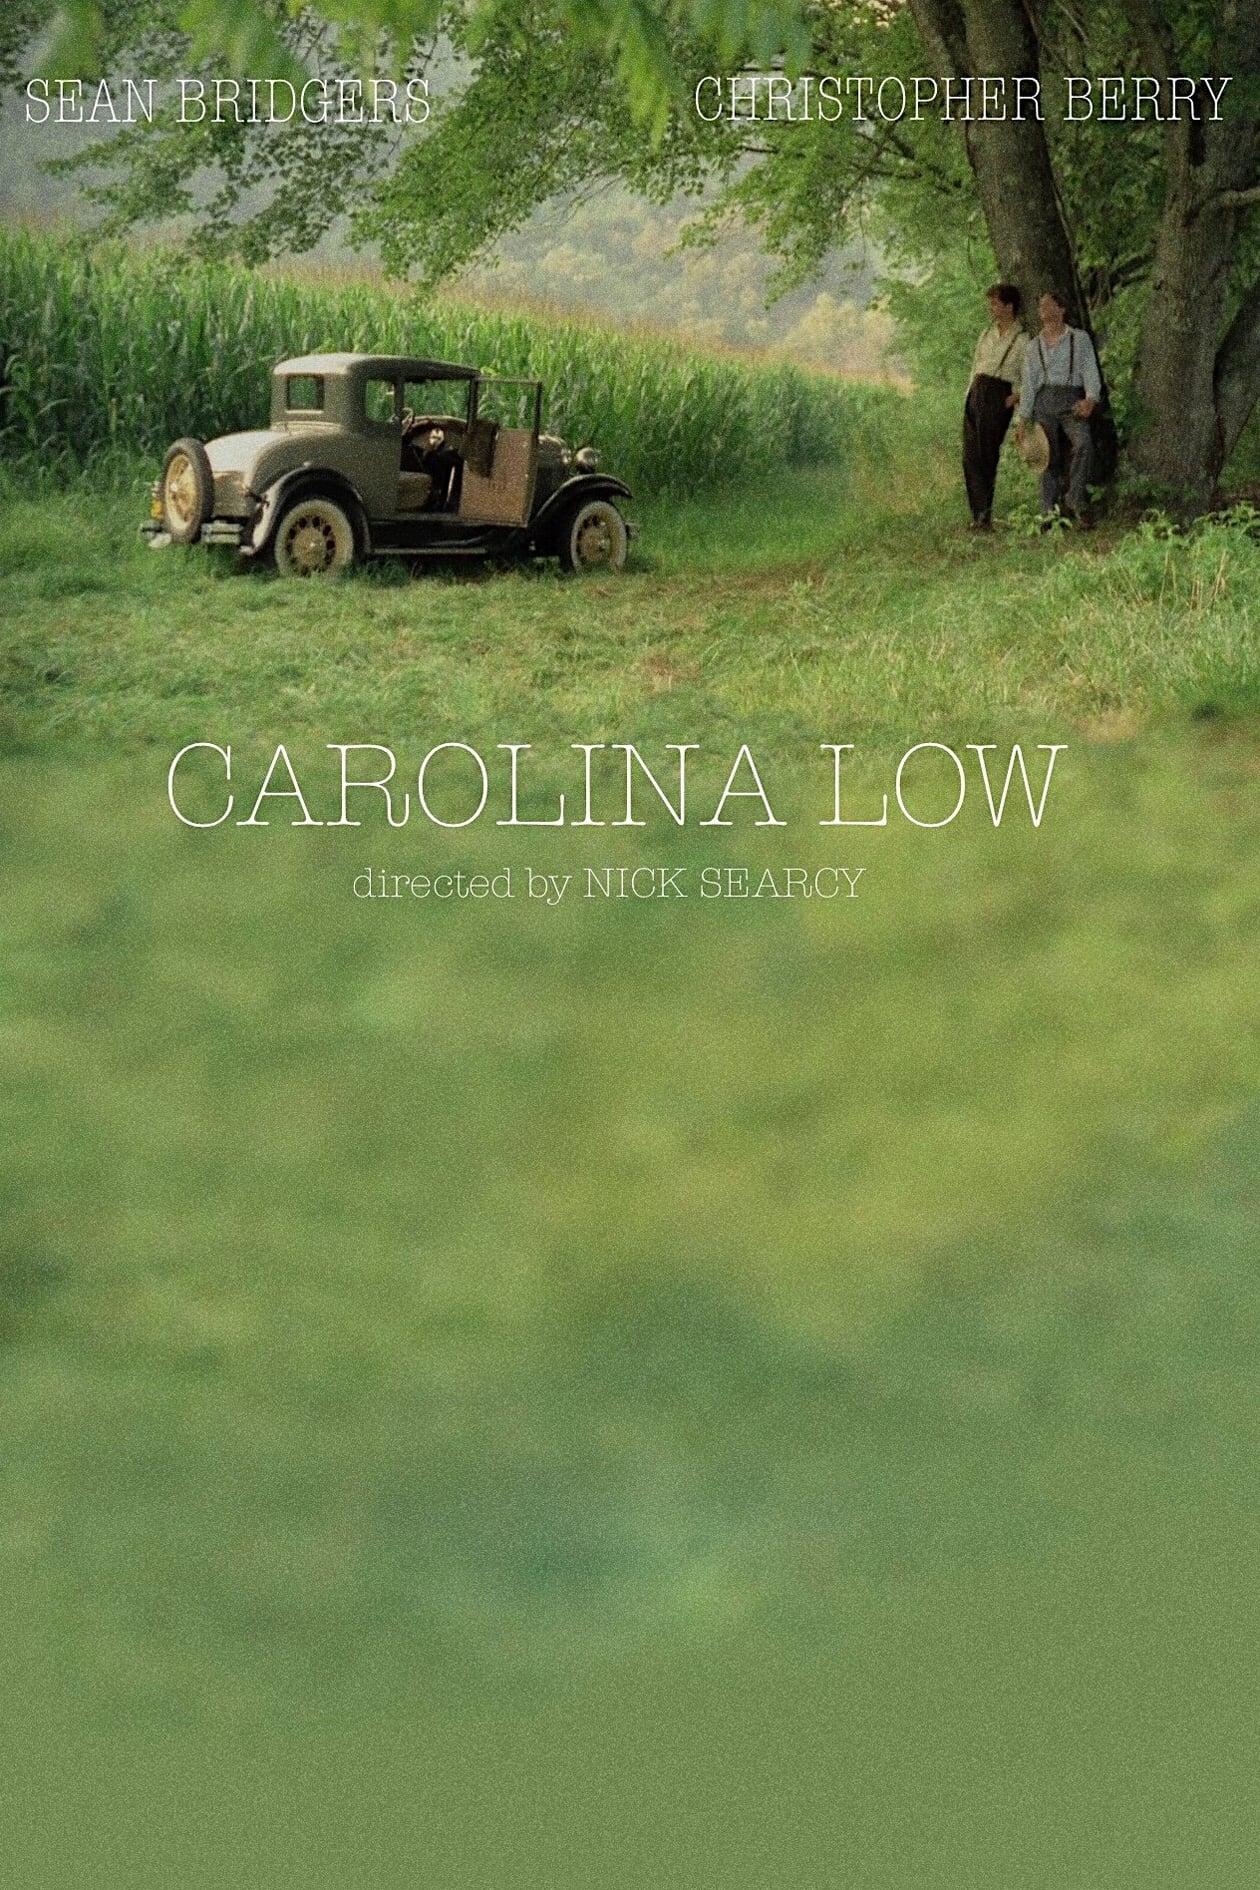 Carolina Low